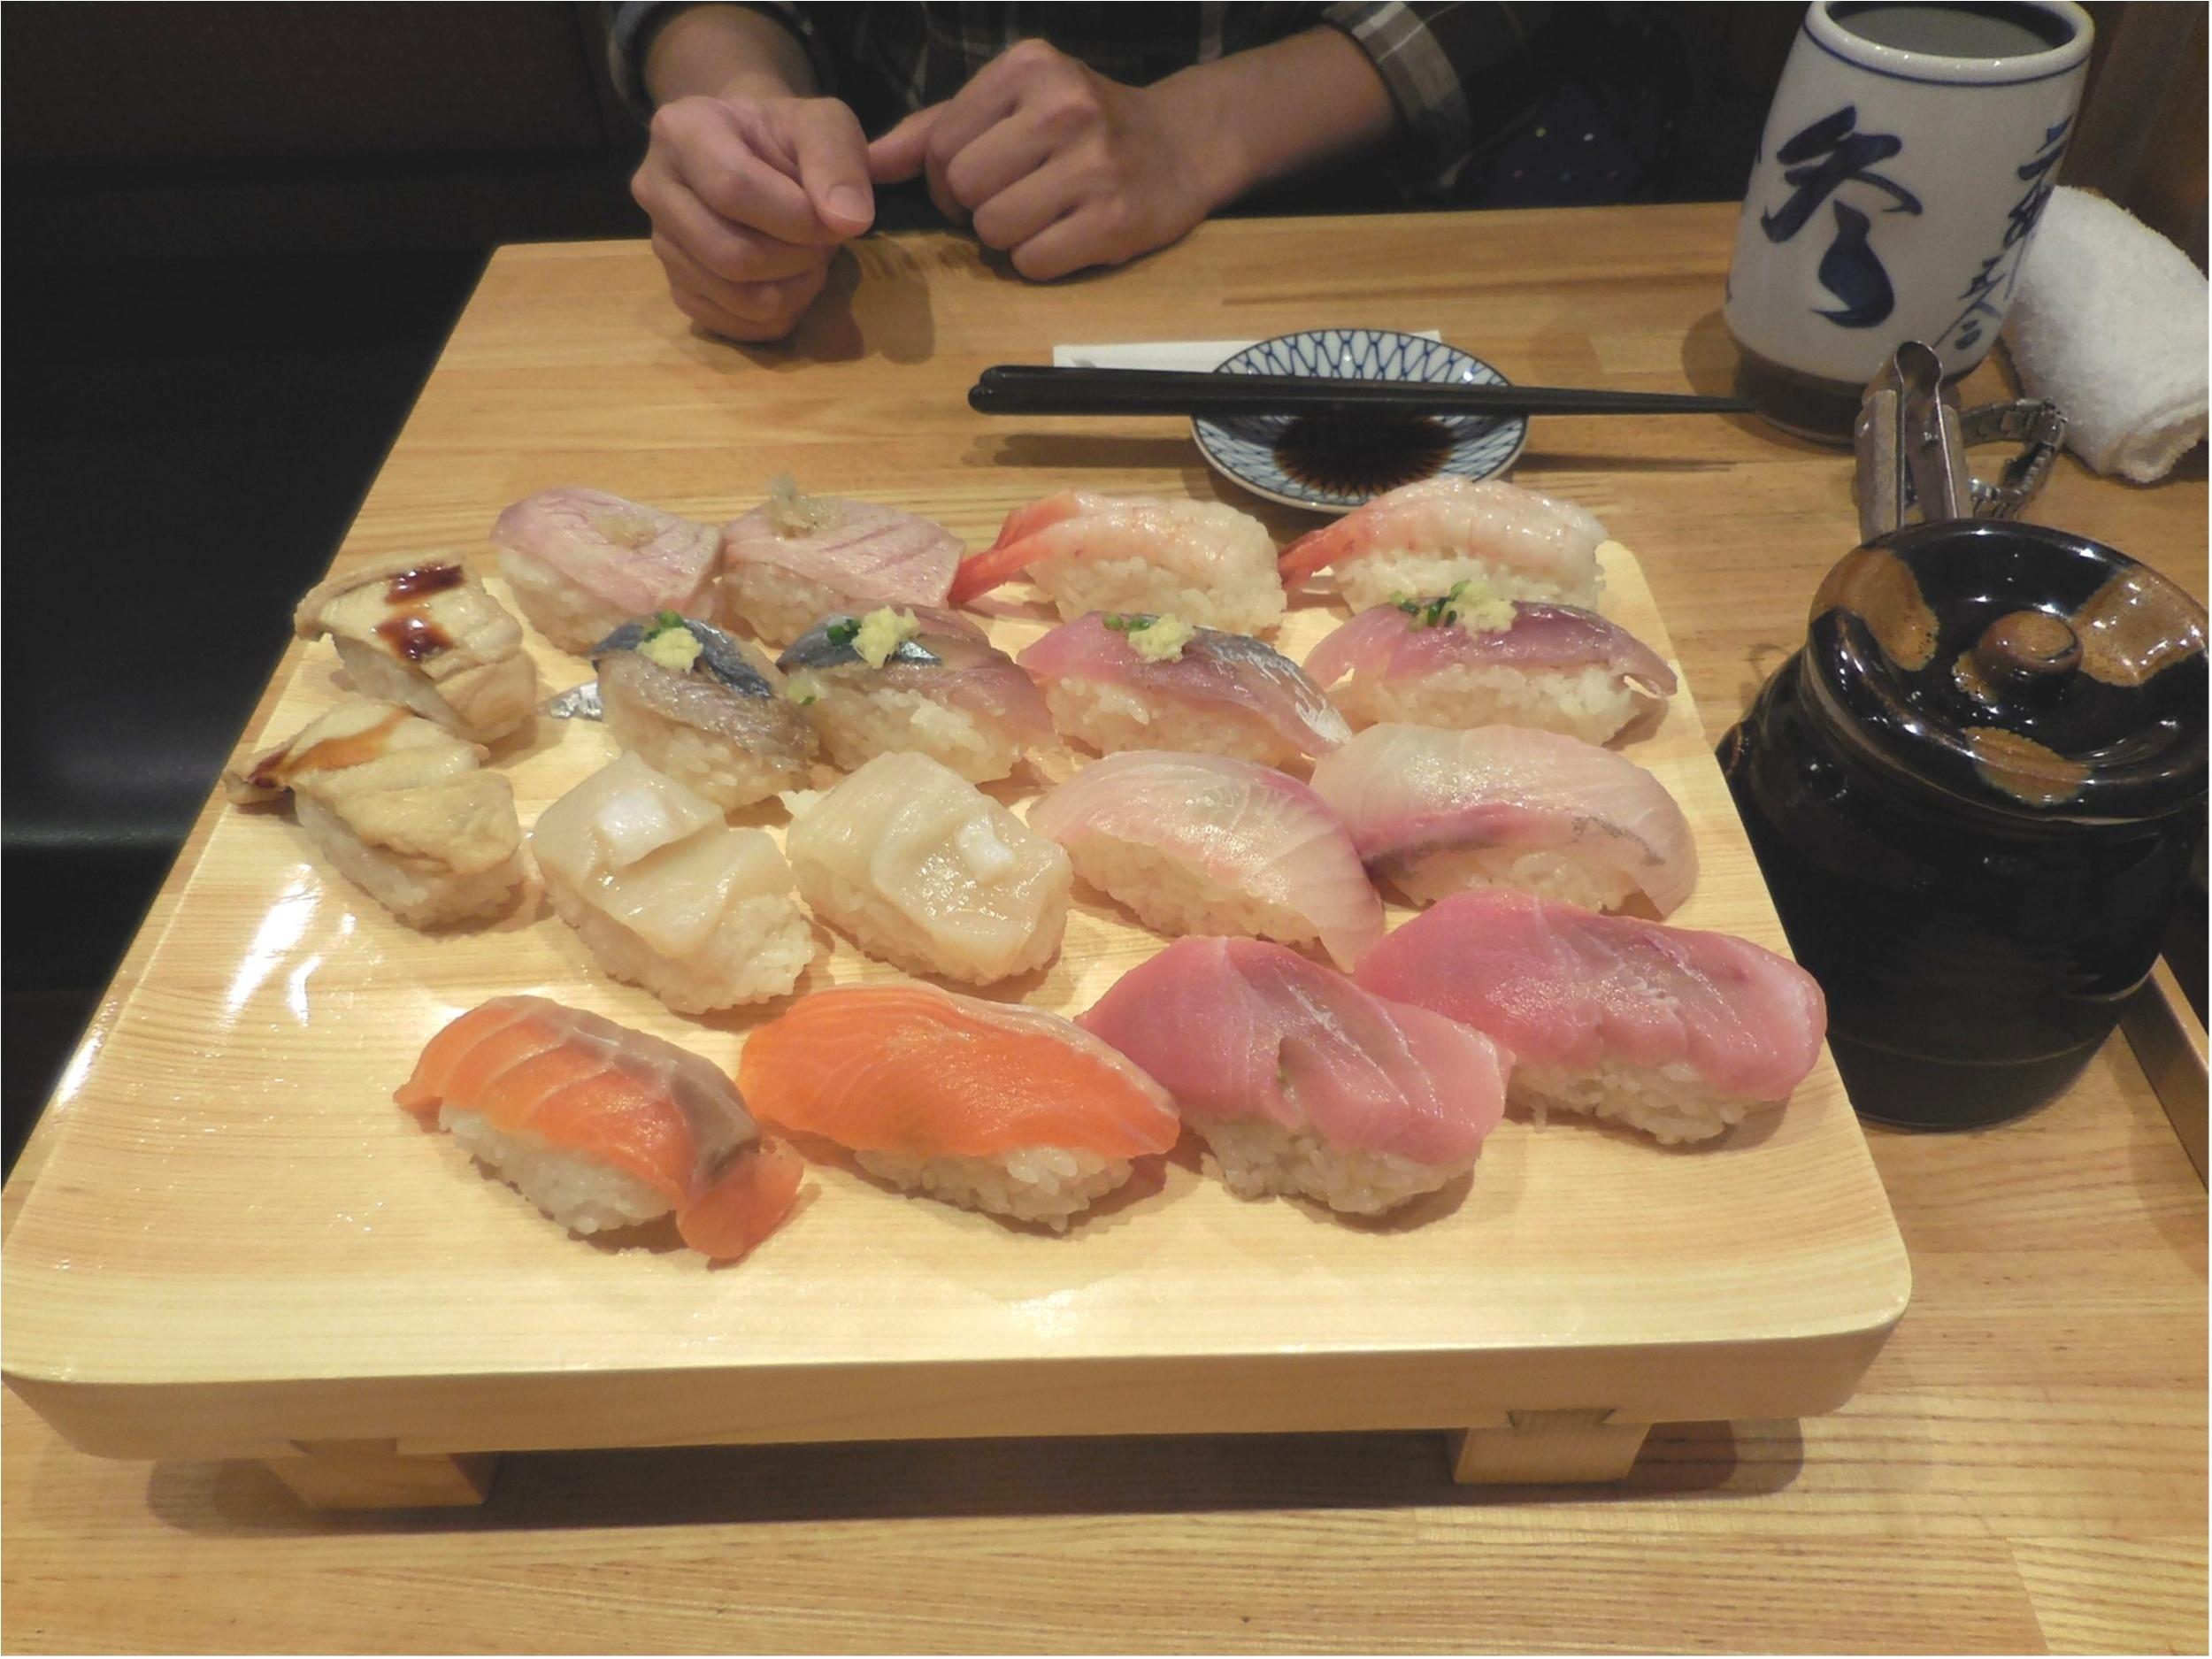 広島と沖縄でしか飲めない「ゴールデンタピオカ」ドリンクって?  今週の「ご当地モア」人気記事ランキングトップ5!_5